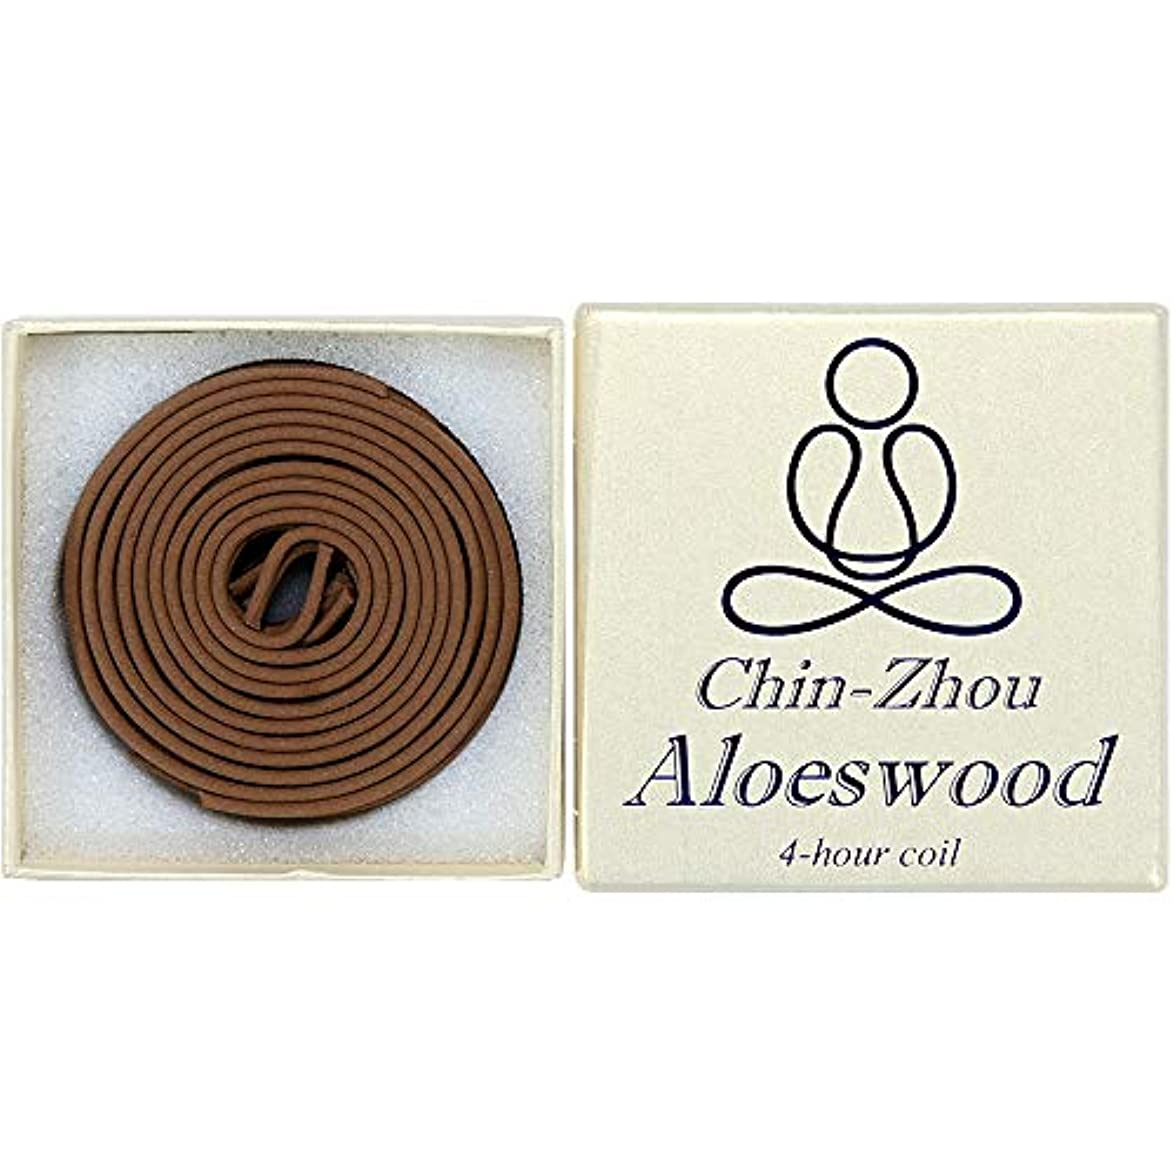 投資論理的にマウス12ピース4-hour chin-zhou Aloeswoodコイル – 100 % Natural – f023t